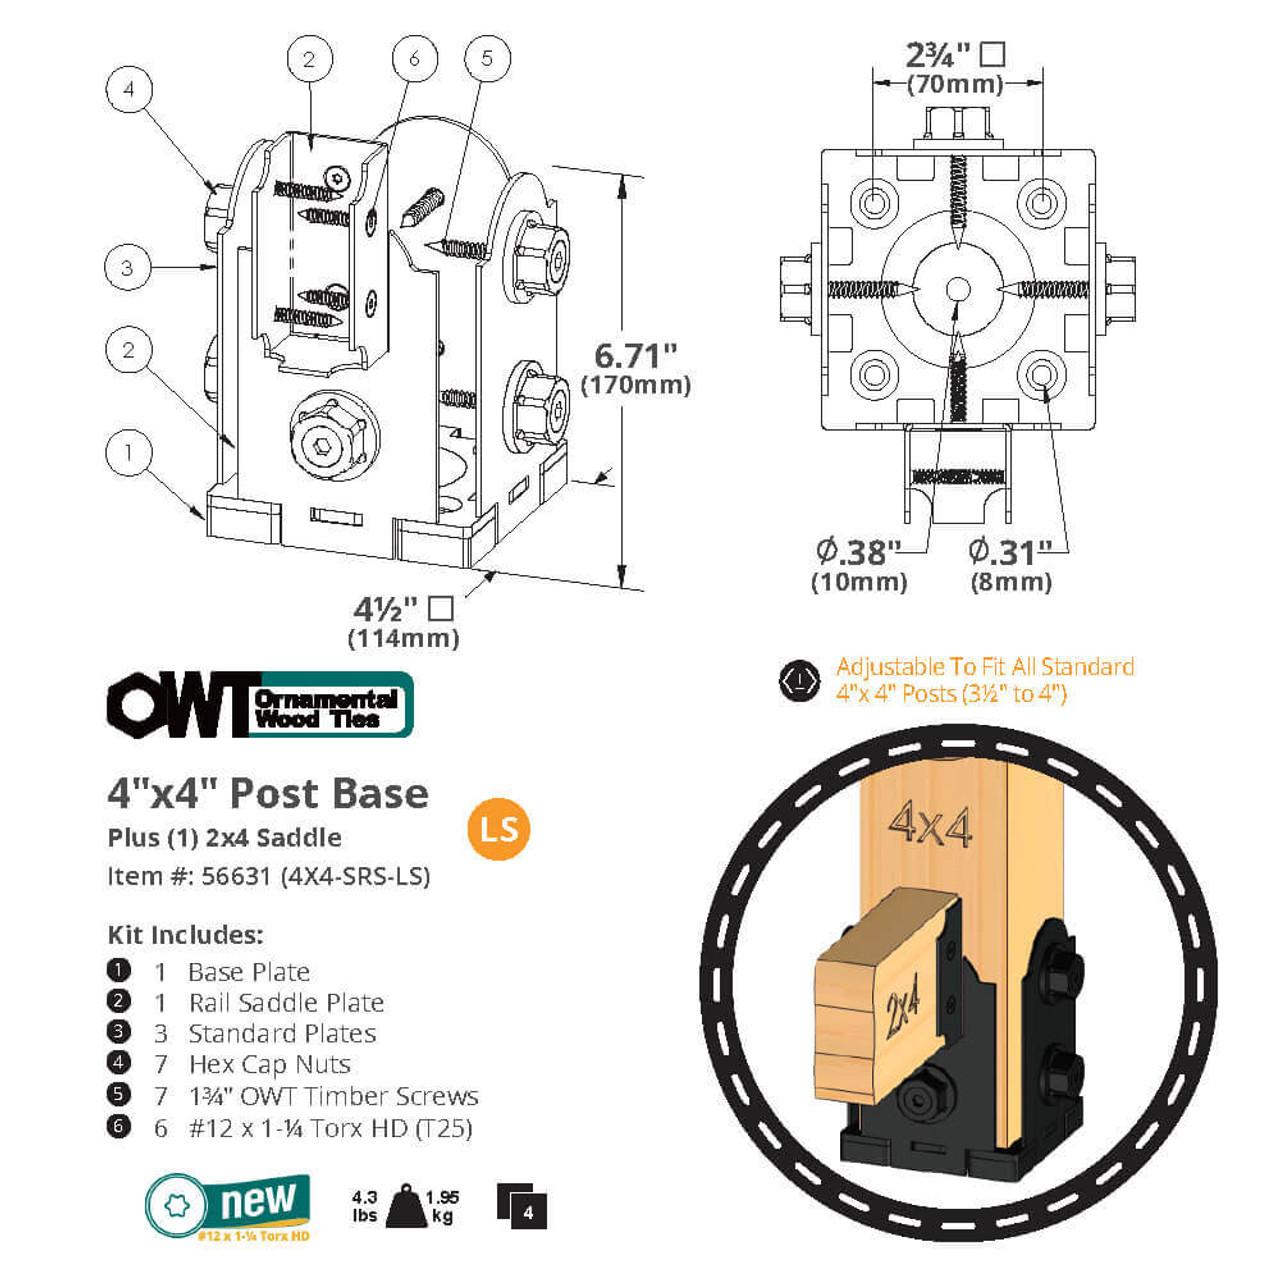 4 x 4 Laredo Sunset Single Rail Saddle from OZCO OWT - Dimension Drawing